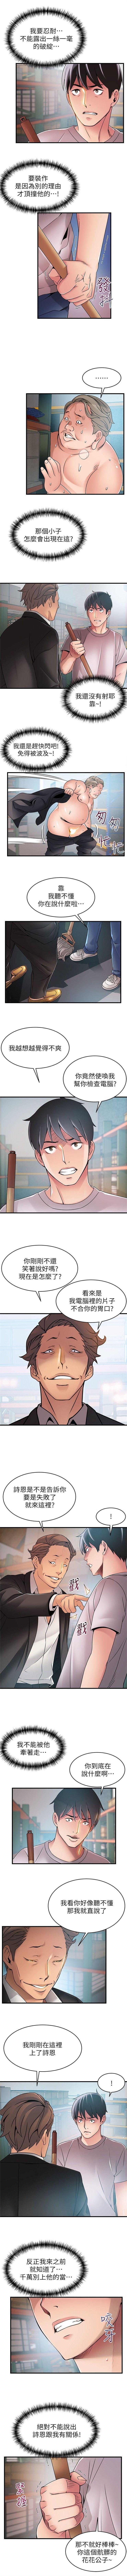 (周7)弱点 1-66 中文翻译(更新中) 169